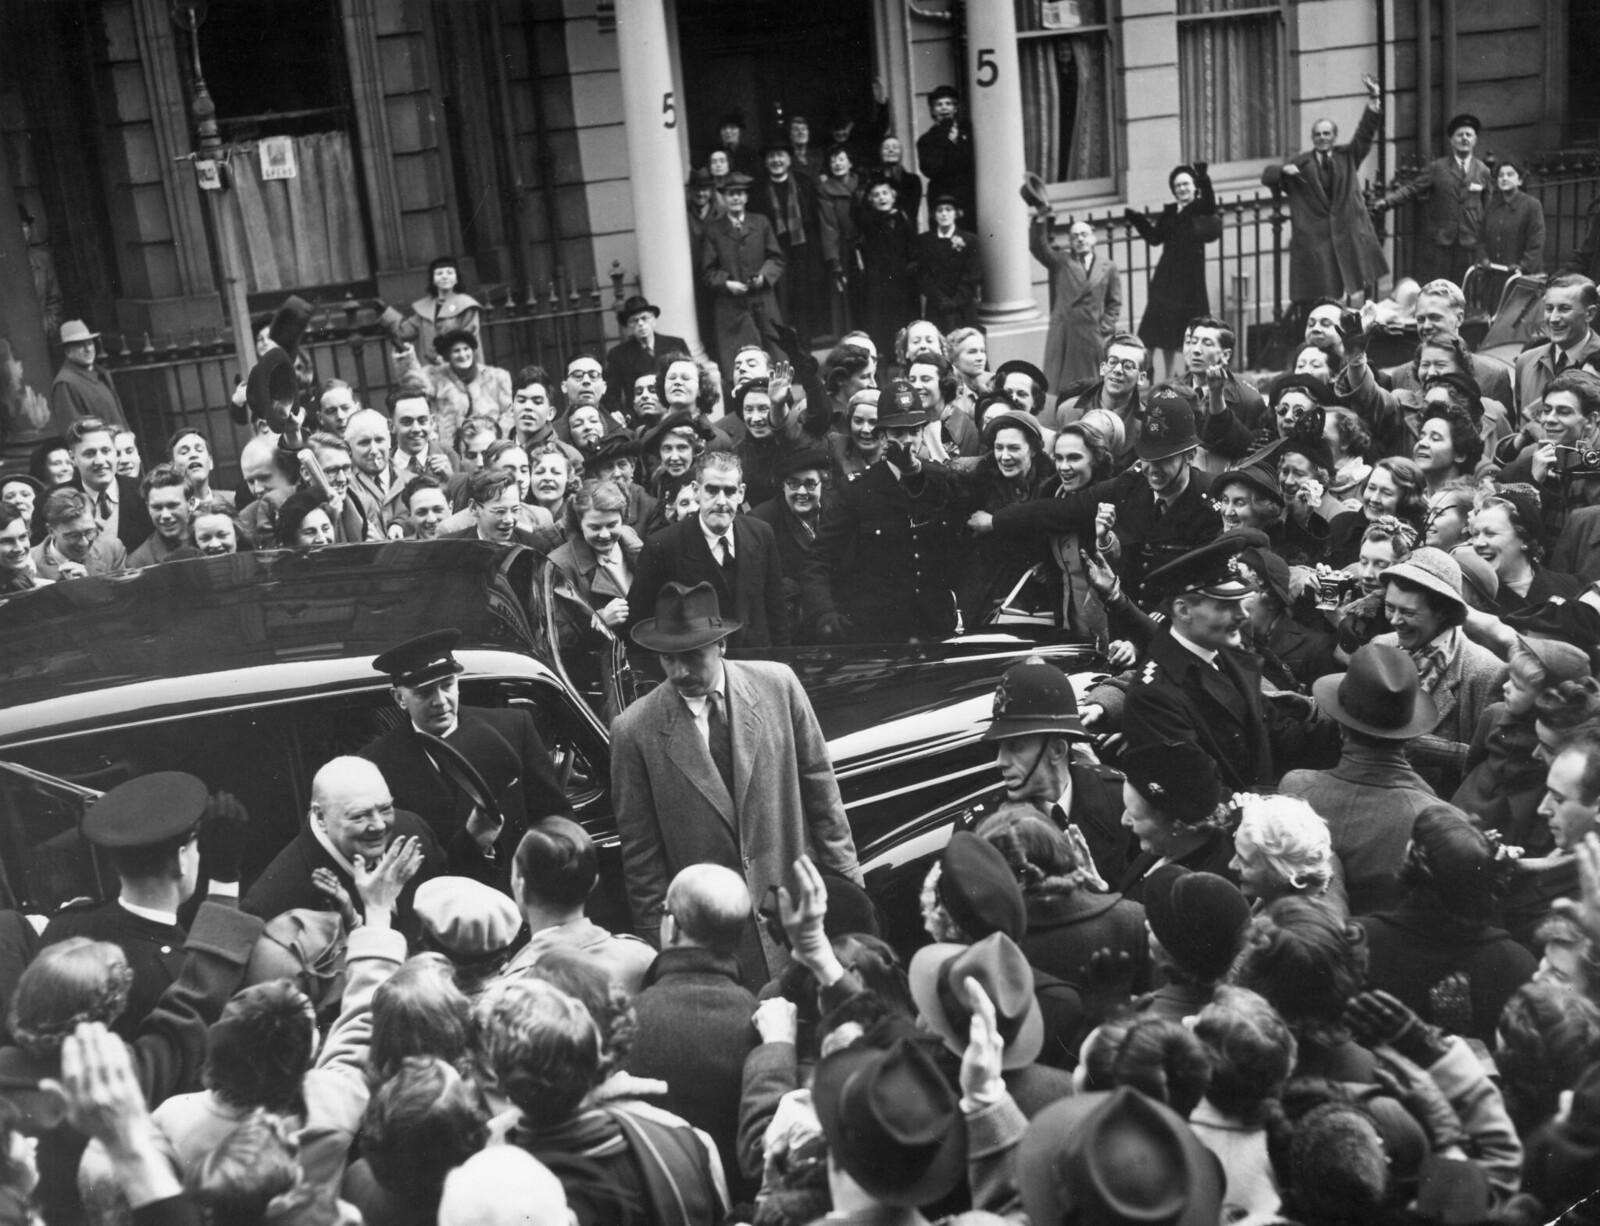 15. Уинстон Черчилль, лидер консерваторов, выходит из машины, чтобы проголосовать в Сент-Стивенс-холле, Глостер-роуд, на всеобщих выборах